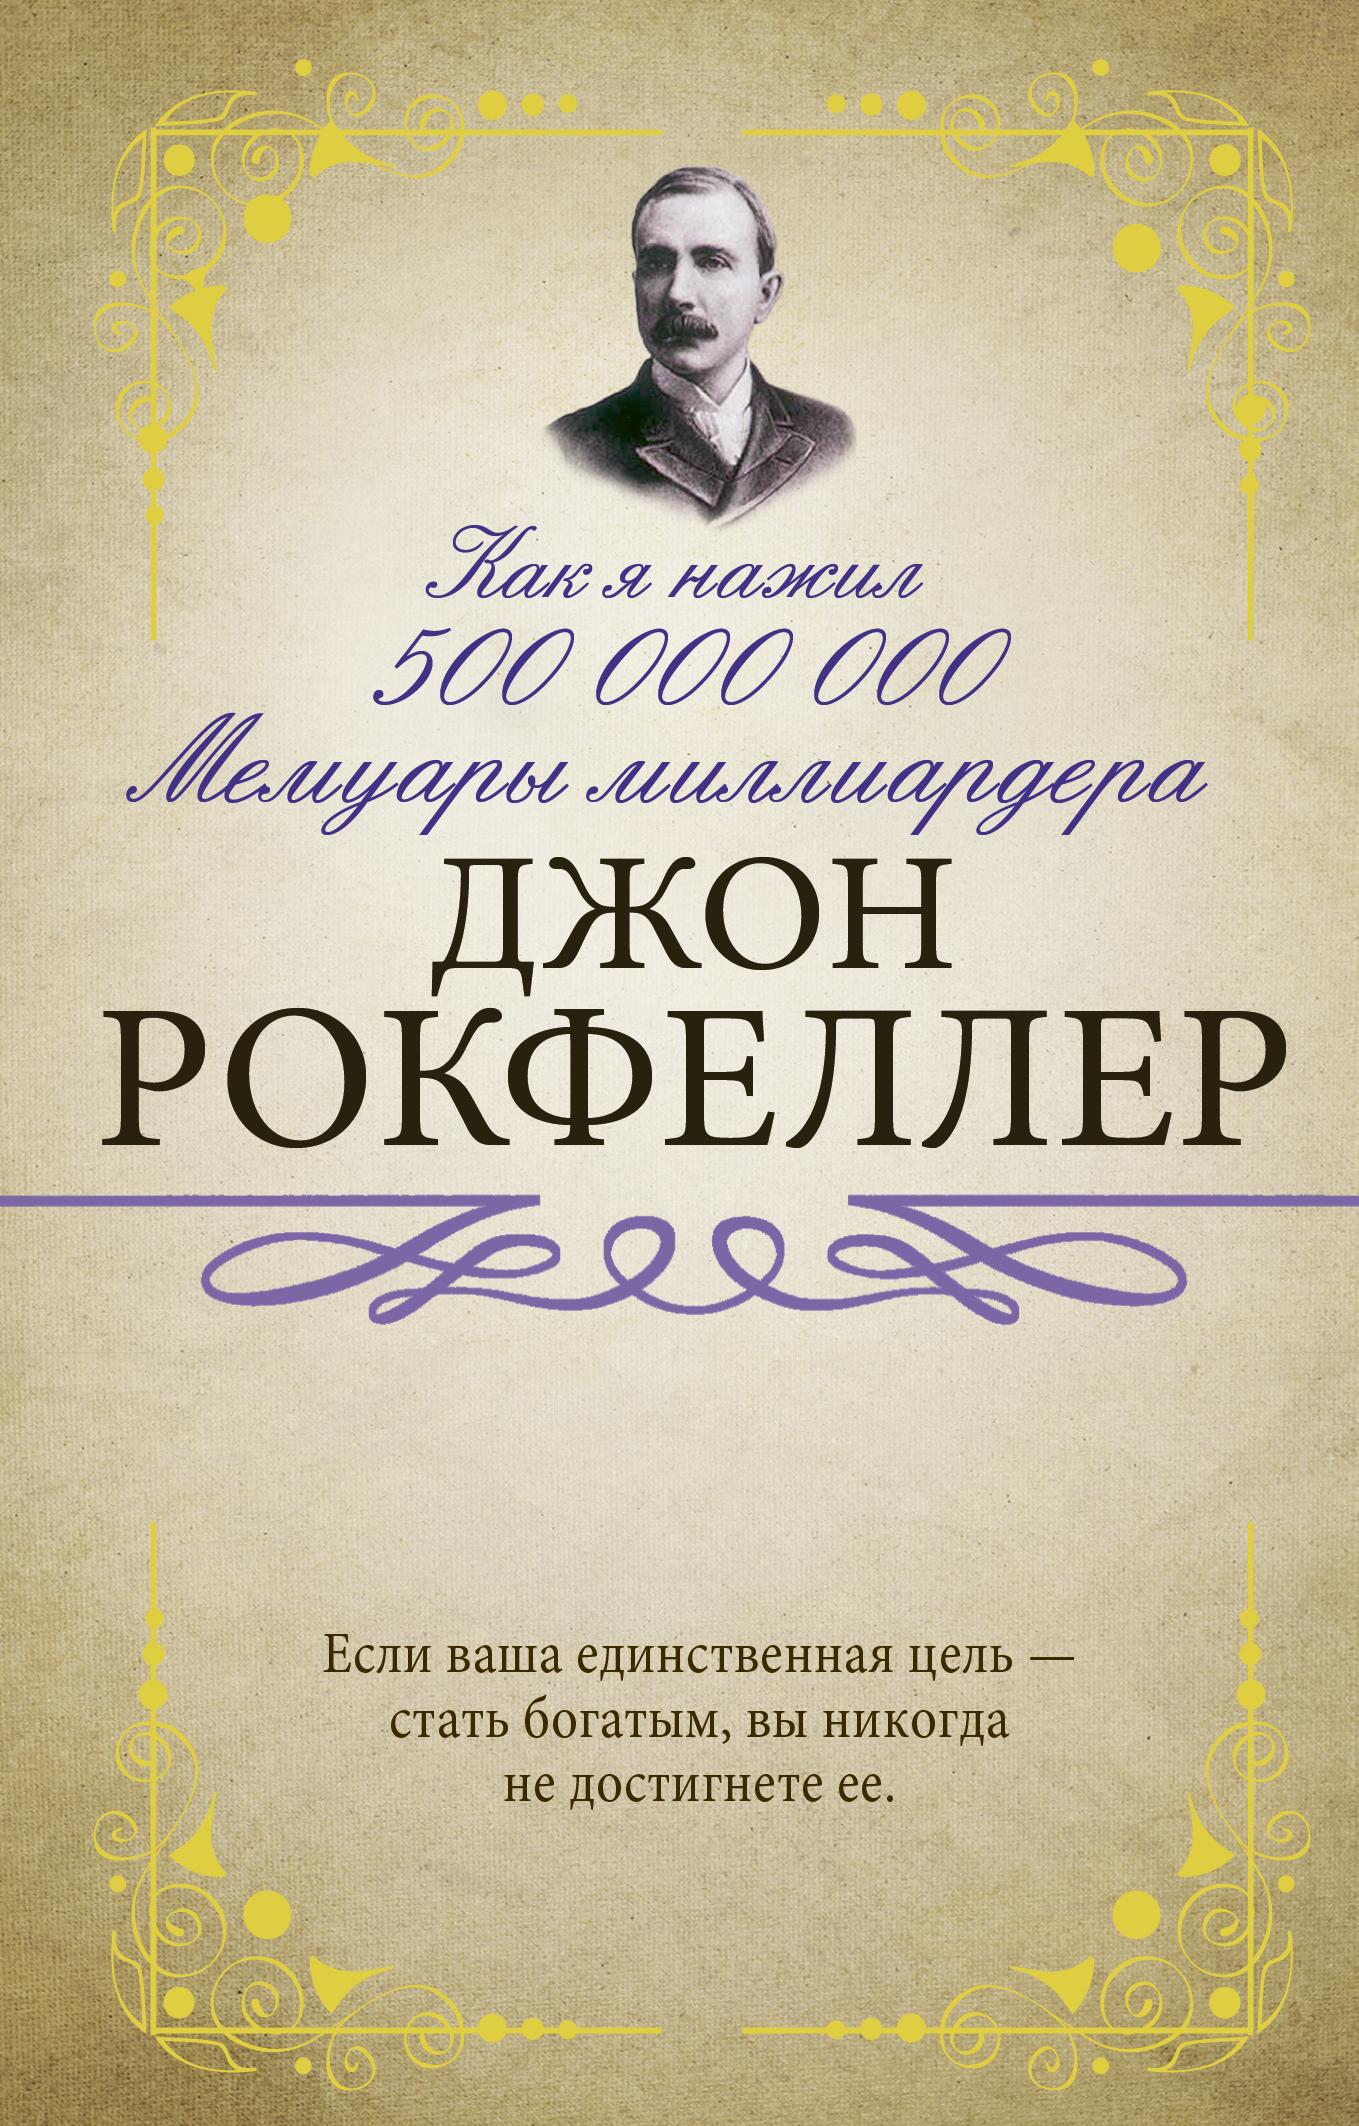 Рокфеллер Д. Как я нажил 500 000 000. Мемуары миллиардера артём андреевич горохов 10 заповедей богатея или так говорил джон рокфеллер